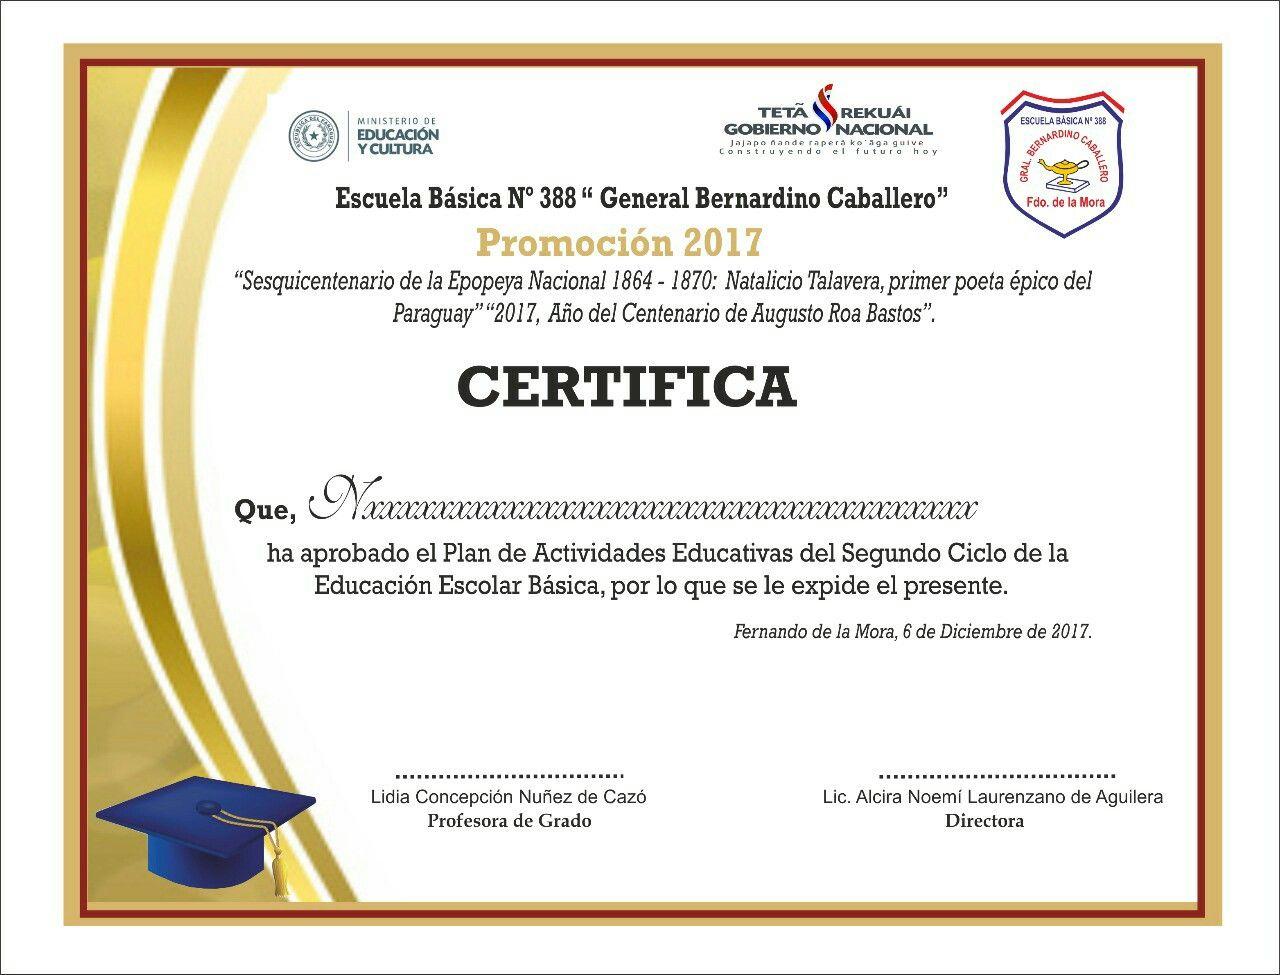 Pin de marta en Diploma prescolar | Pinterest | Diplomas para niños ...